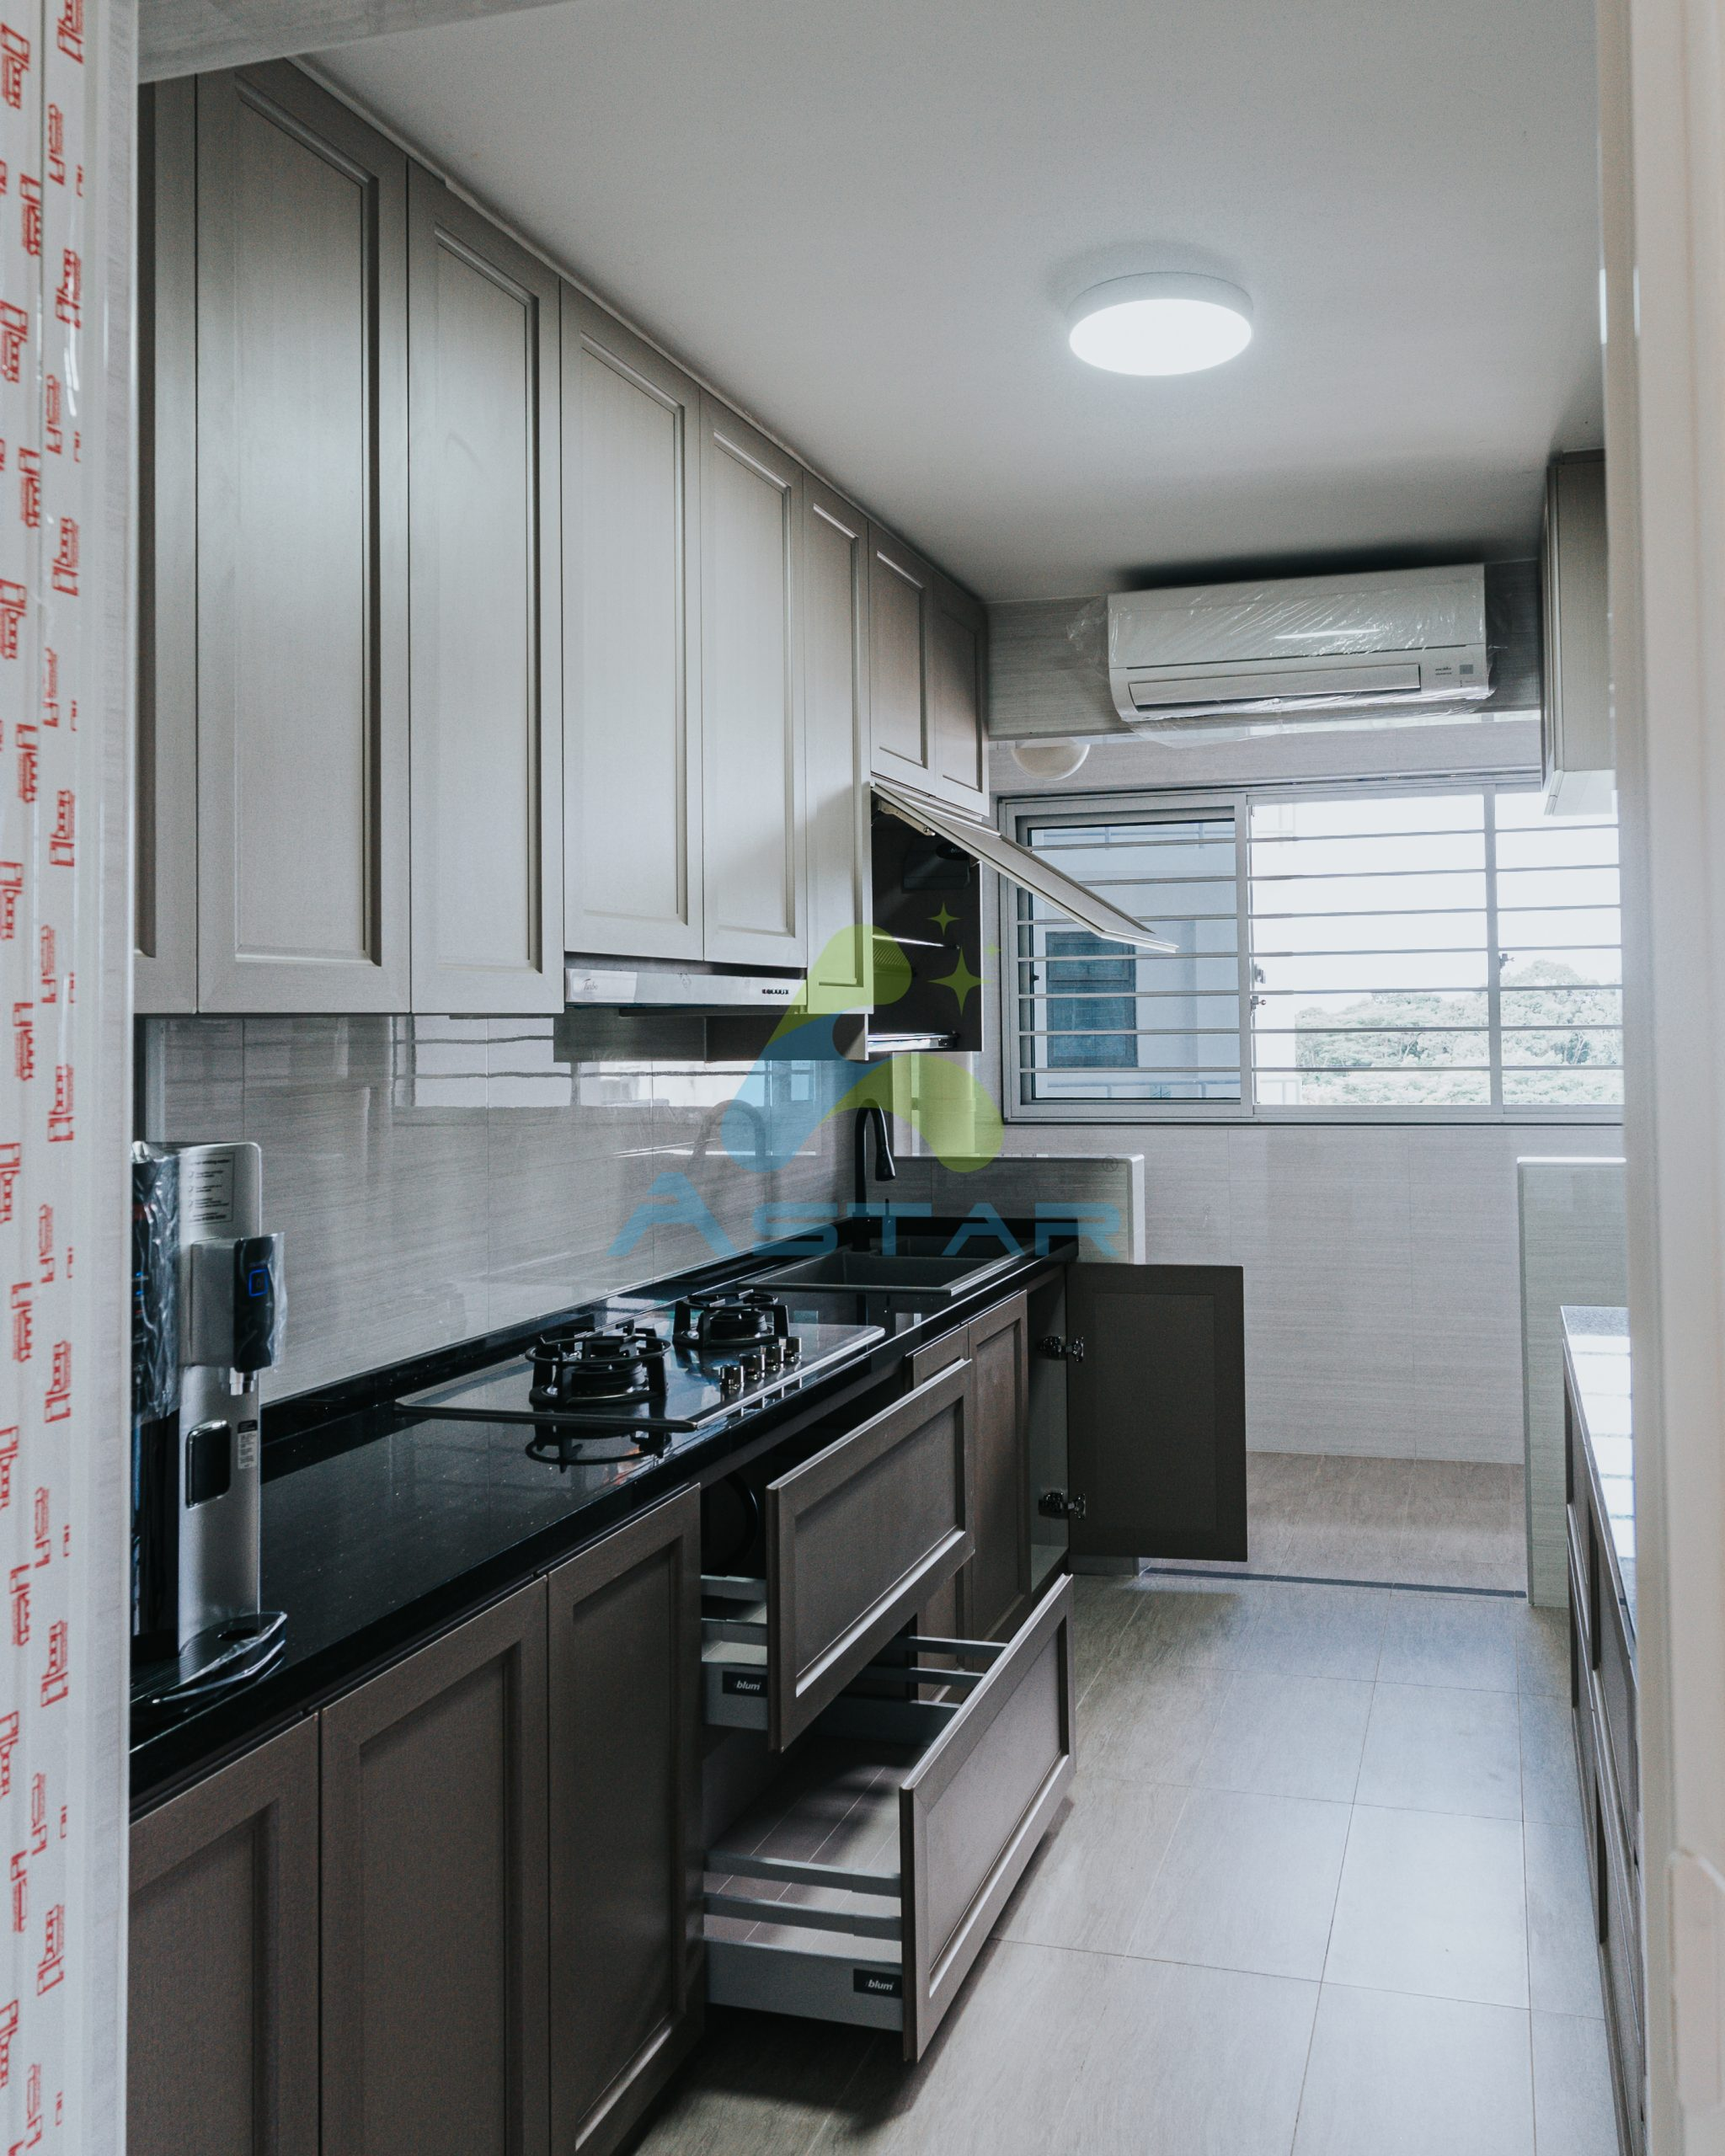 astar furnishing aluminum furniture projects Blk 478B Yishun St 44 18